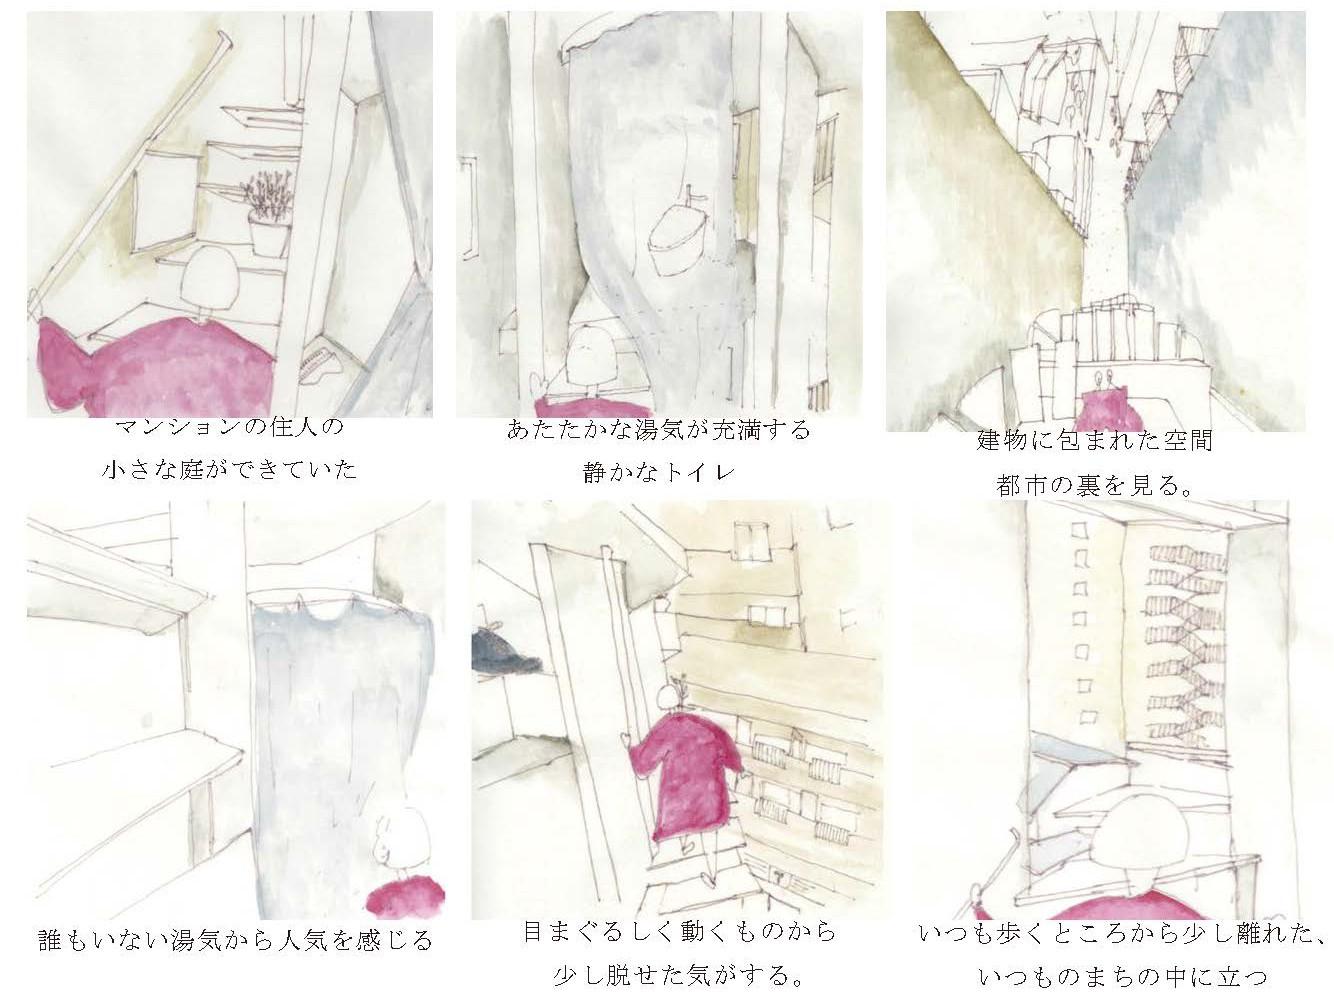 建築展WEB_ページ_21.jpg